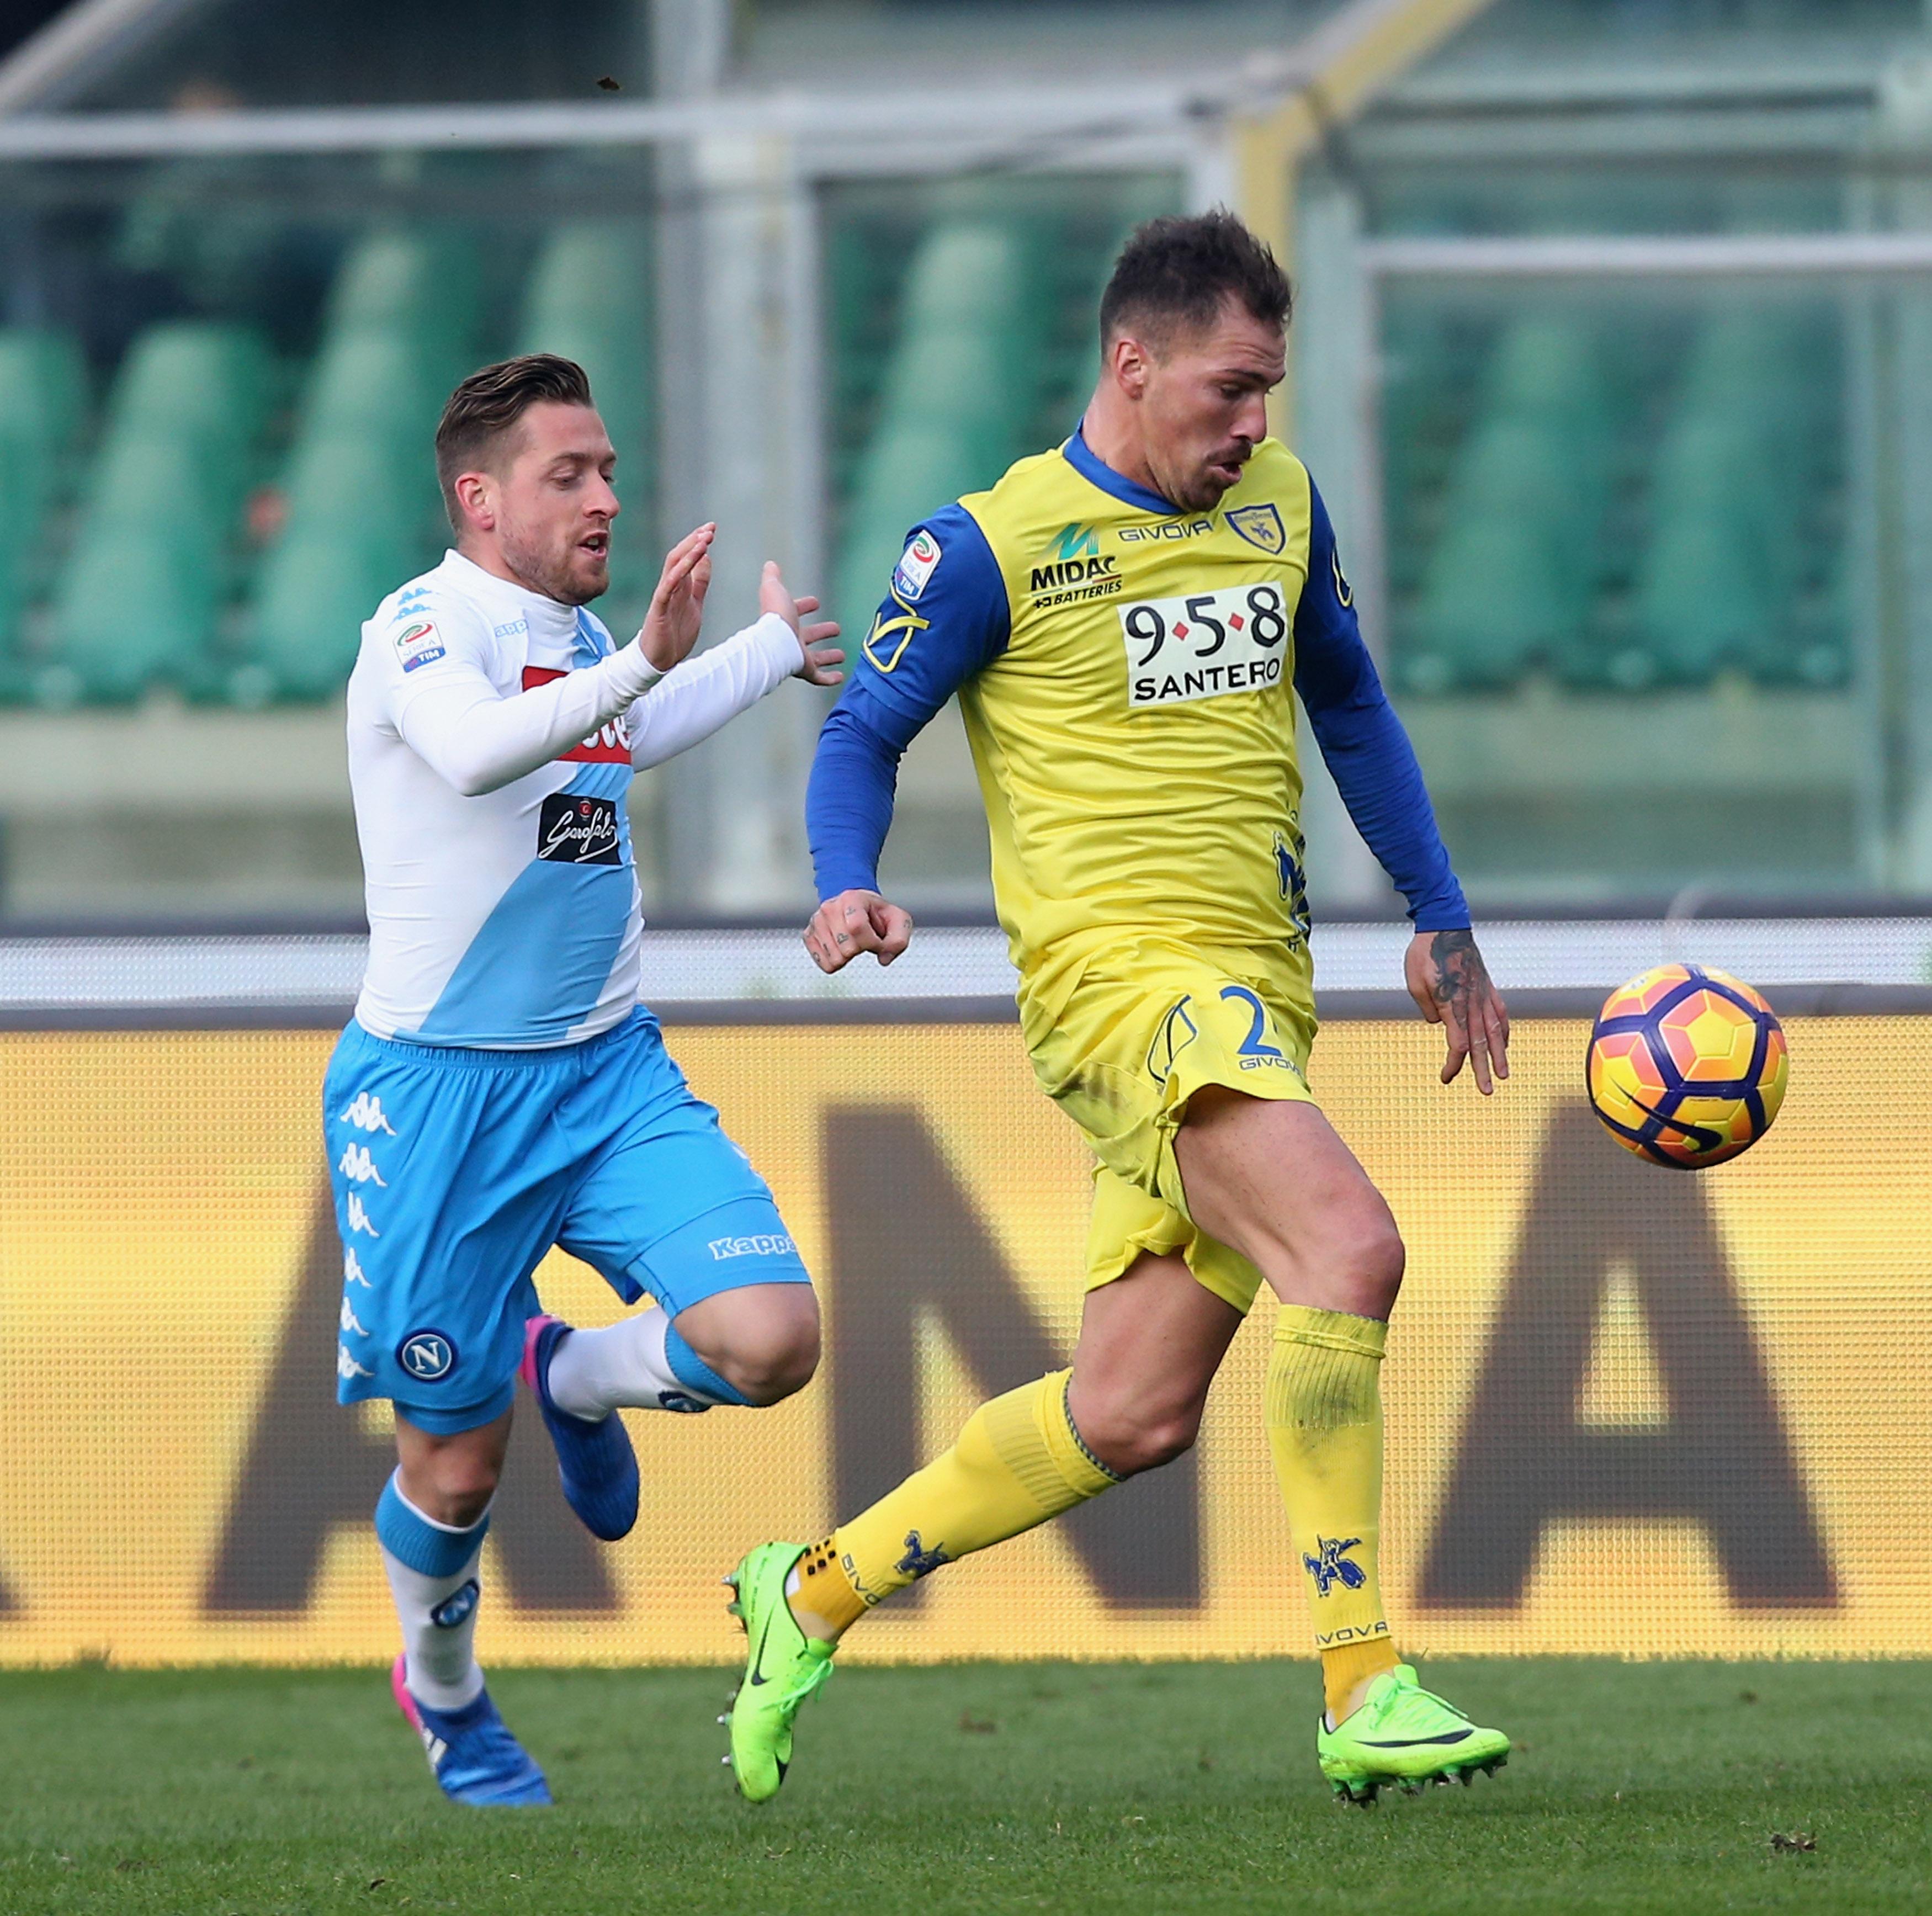 AC ChievoVerona v SSC Napoli - Serie A